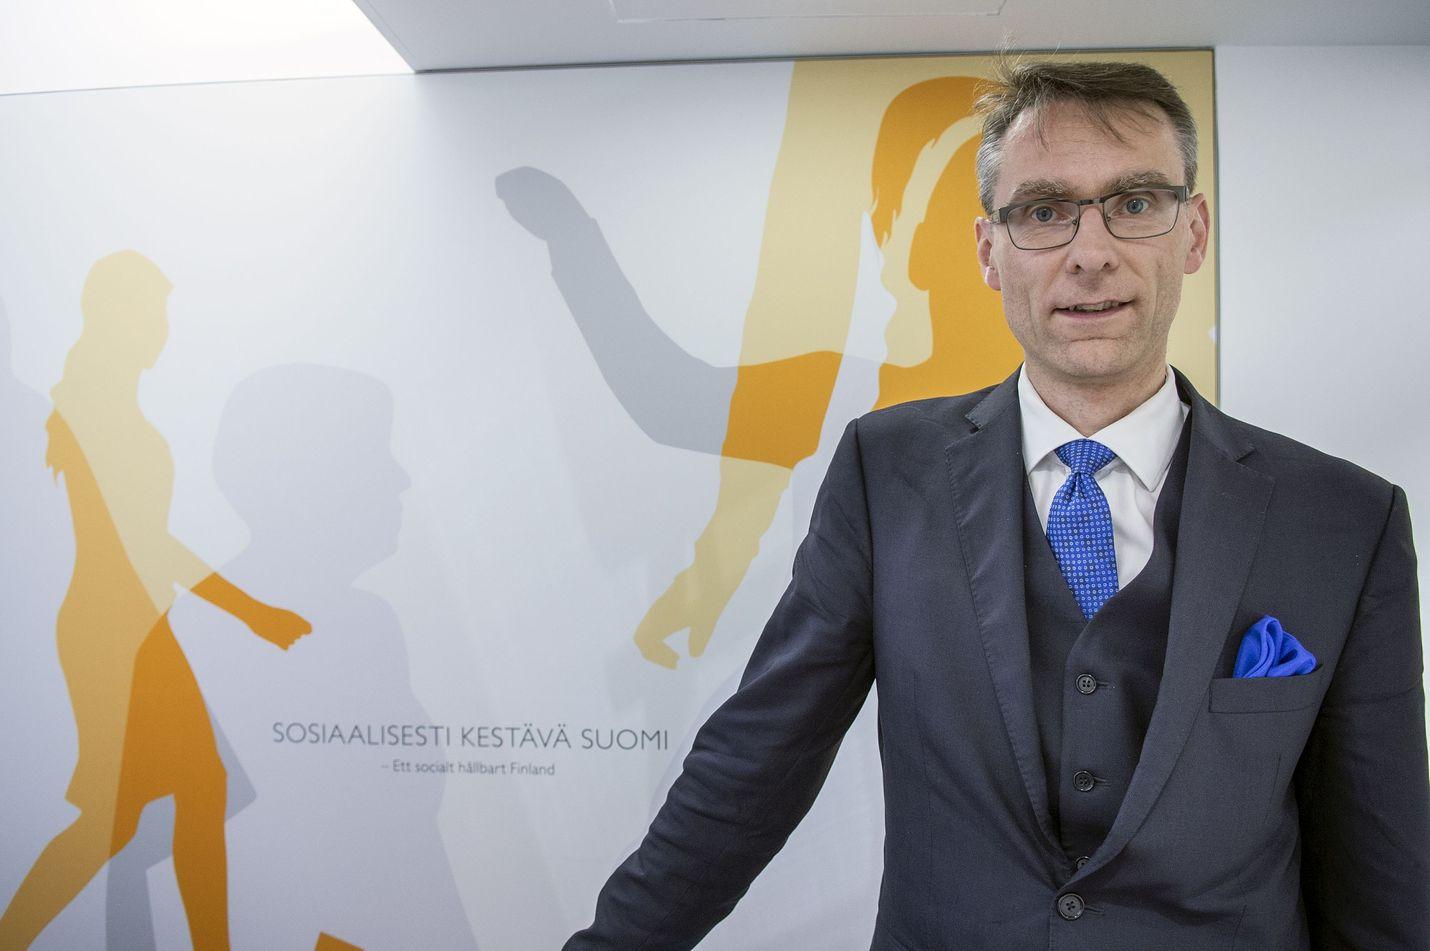 Oikeuskansleri Tuomas Pöysti pitää mahdollisena, että suojamaskien hankinta poikii lisää kanteluja.